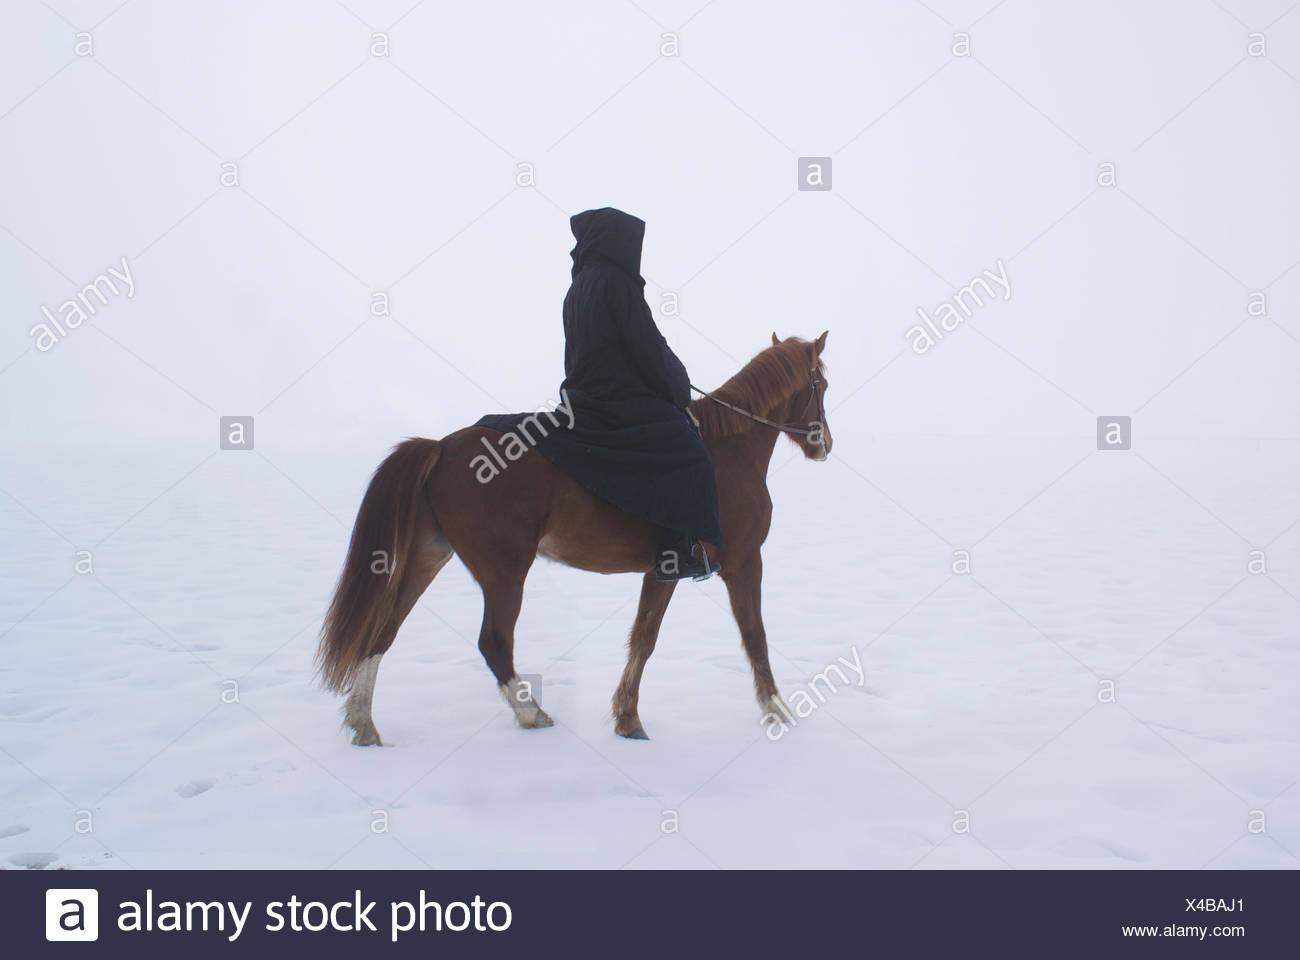 Mujer, caballo, invierno, niebla, rider, ecuestre, nieve, mujer, árbol, ride, caballo, Foto de stock